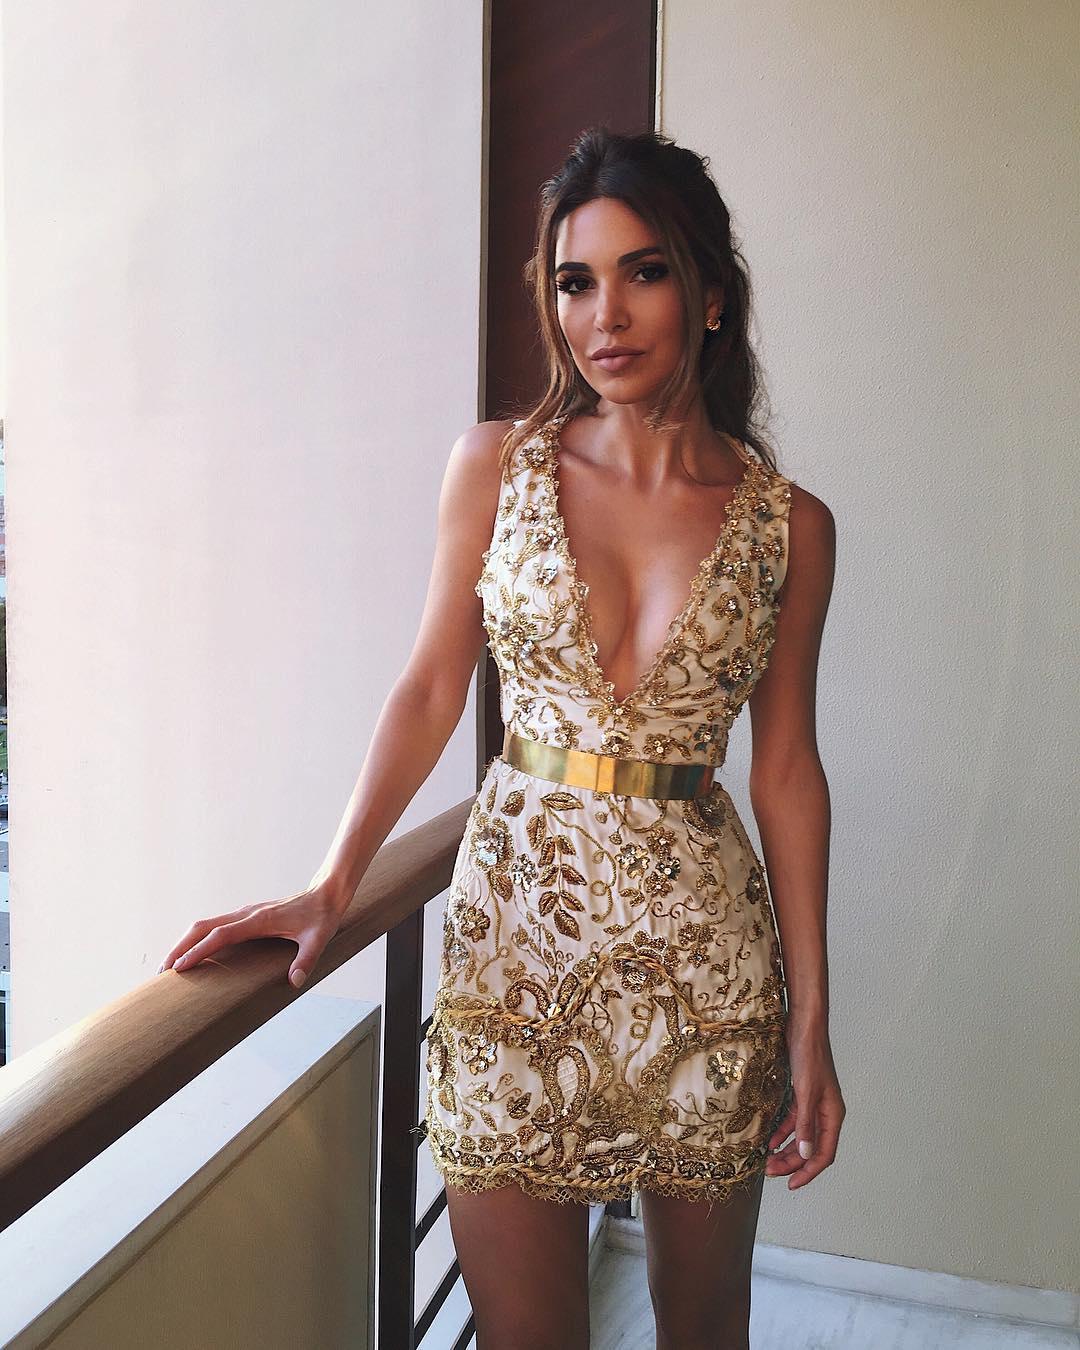 c3b3d05d371 Vestido dourado: 60 modelos para brilhar e arrasar em todas as ocasiões